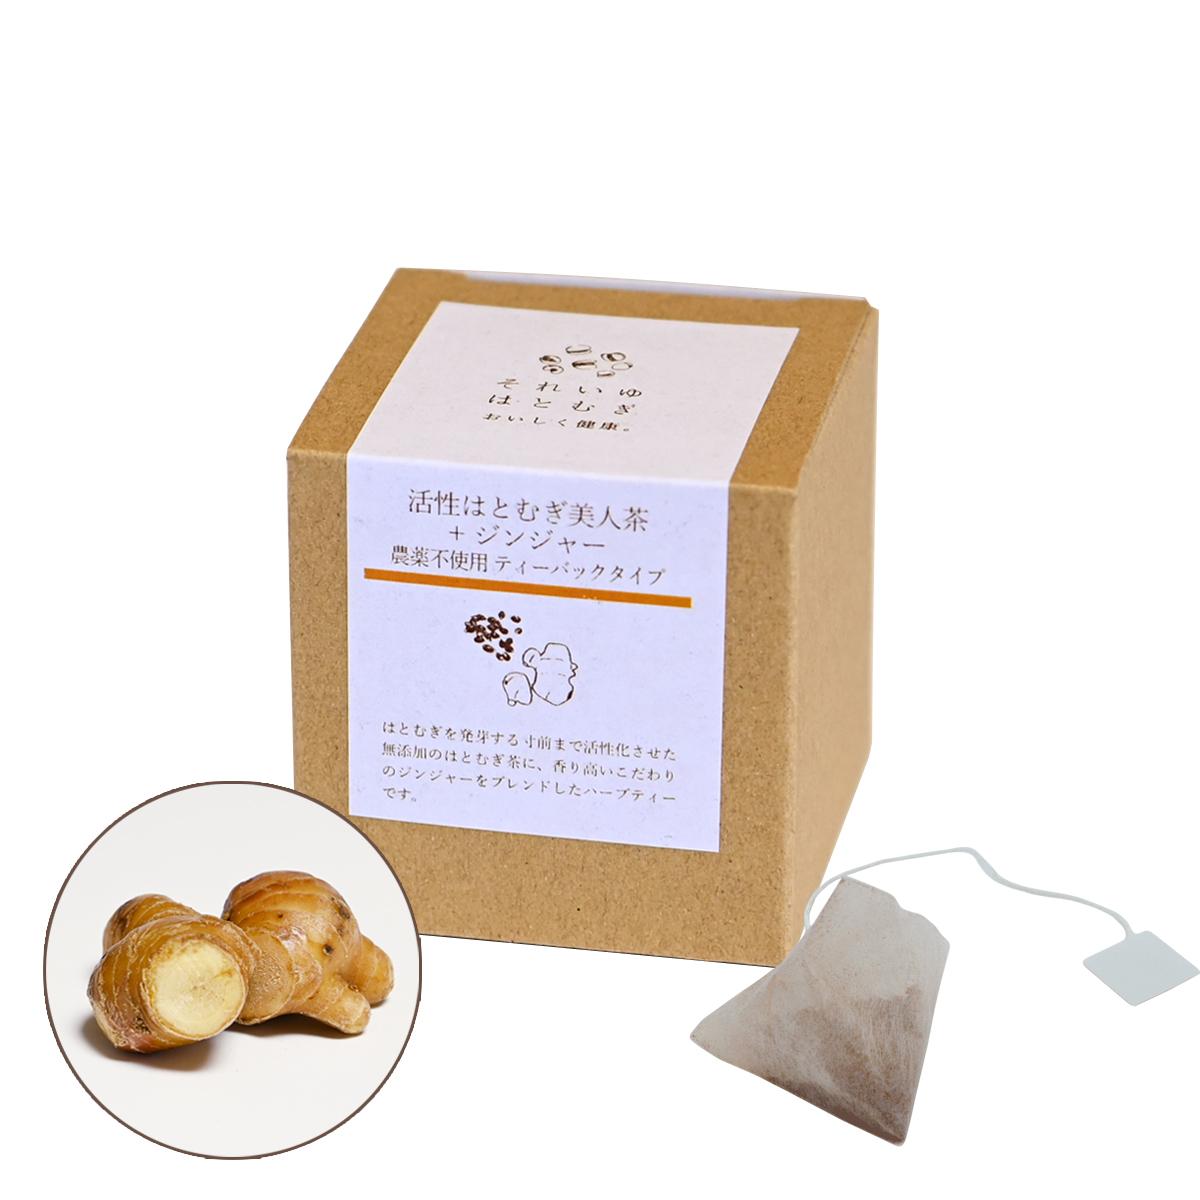 【5袋タイプ】活性はとむぎ美人茶+ジンジャー 農薬不使用ティーバックタイプ